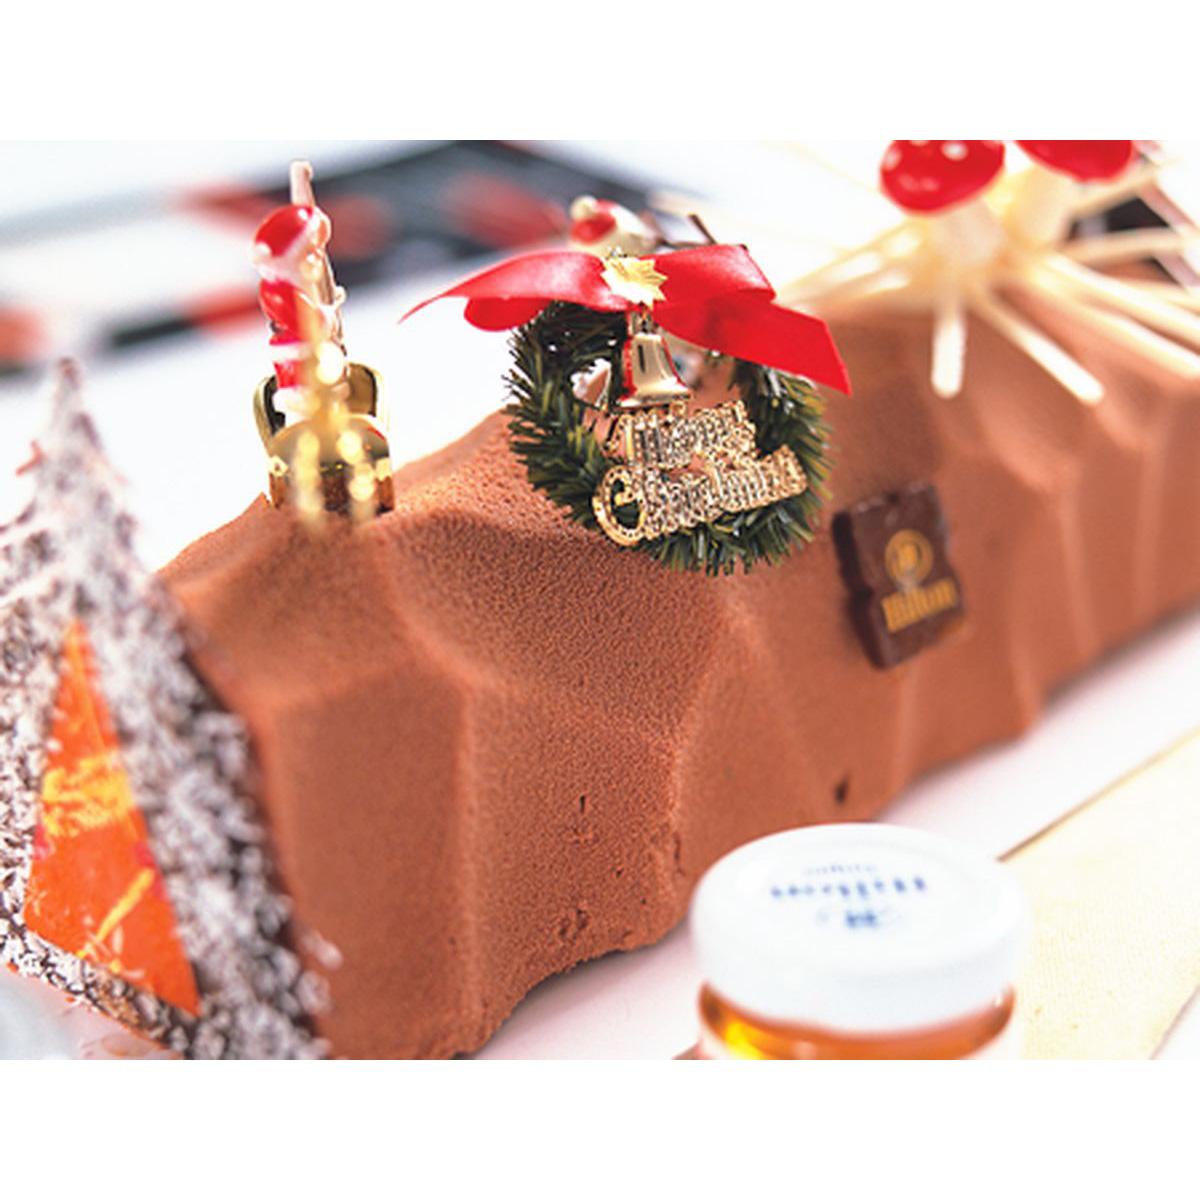 食譜:樹幹蛋糕